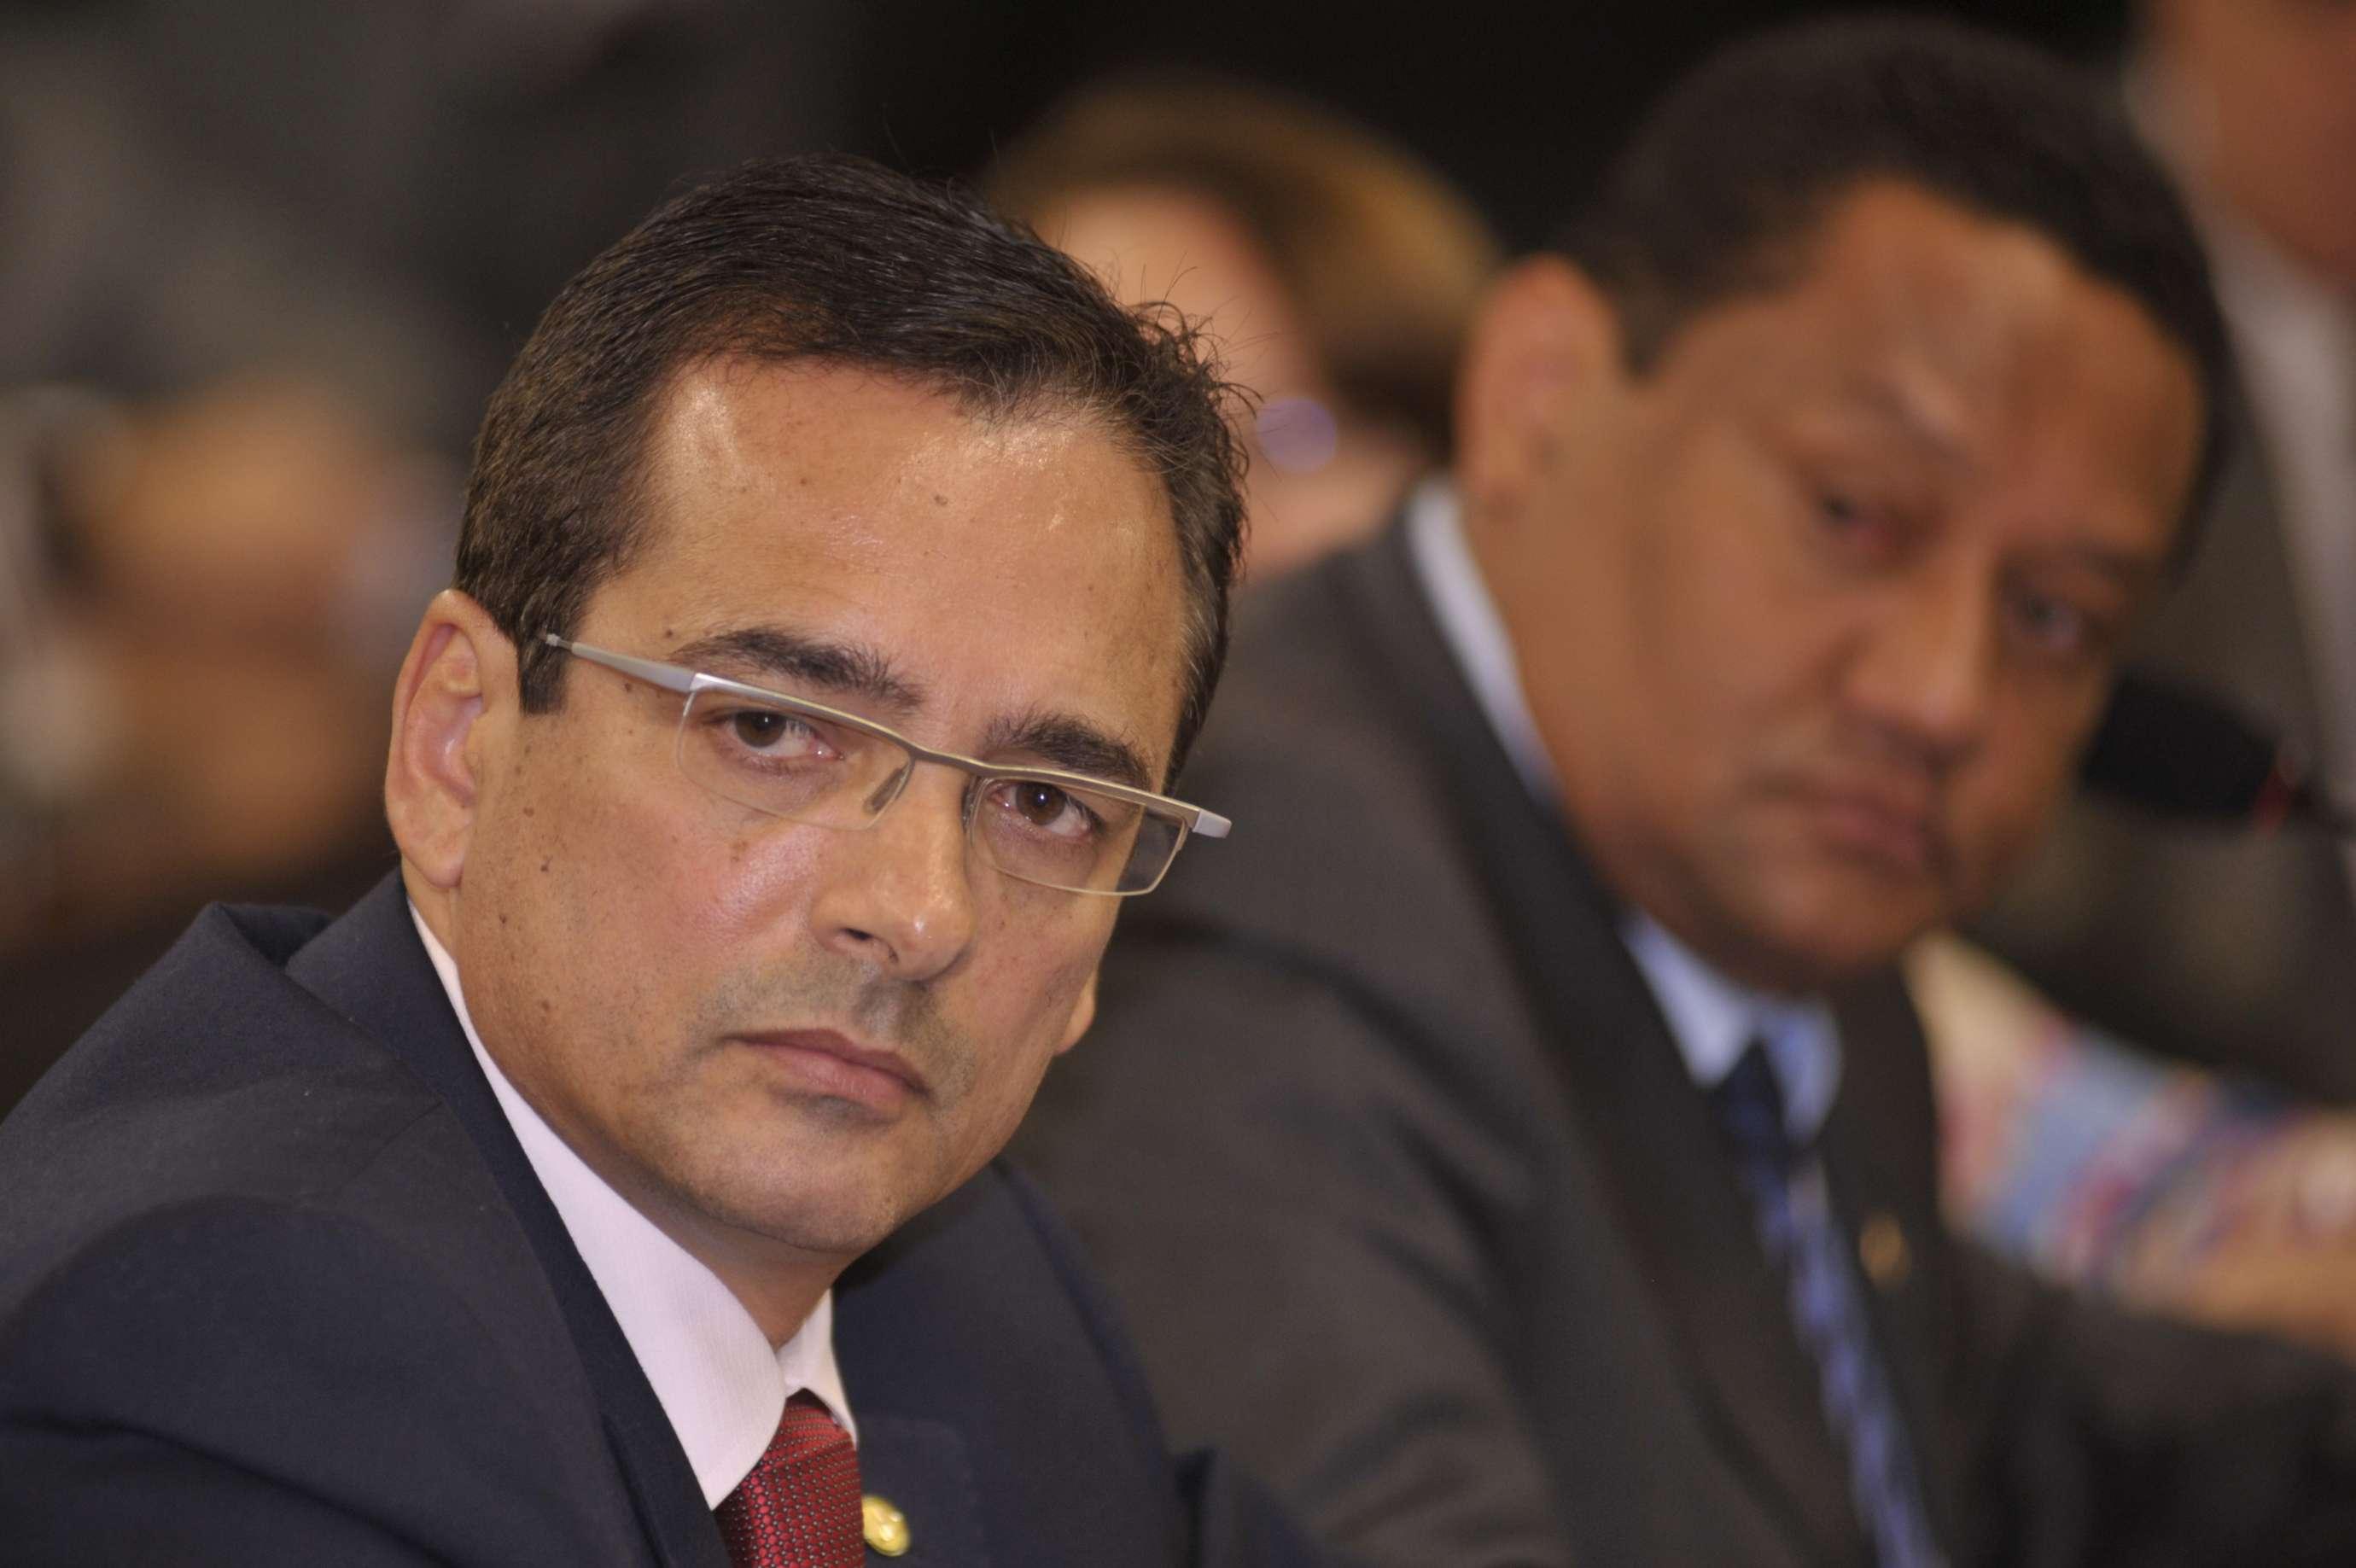 Deputado Protógenes Queiroz afirmou que equipamento continha dados sigilosos de sua atividade parlamentar Foto: José Cruz/Agência Brasil